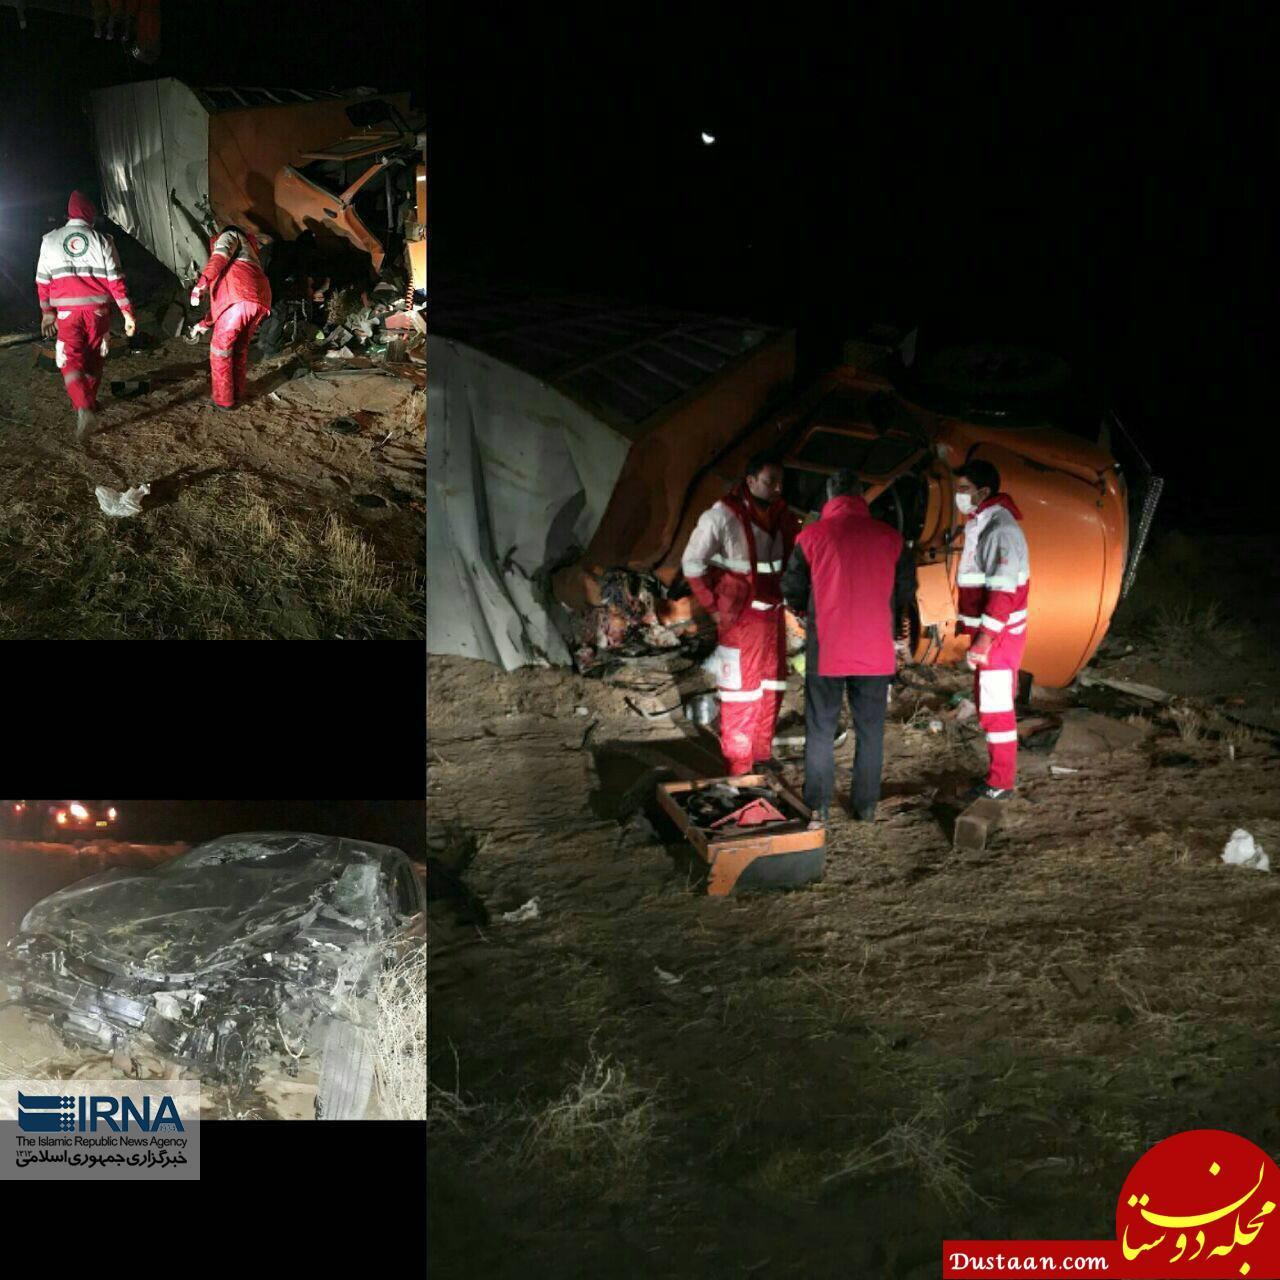 www.dustaan.com عاقبت تصادف خودروی سواری هیوندا با کامیون +عکس